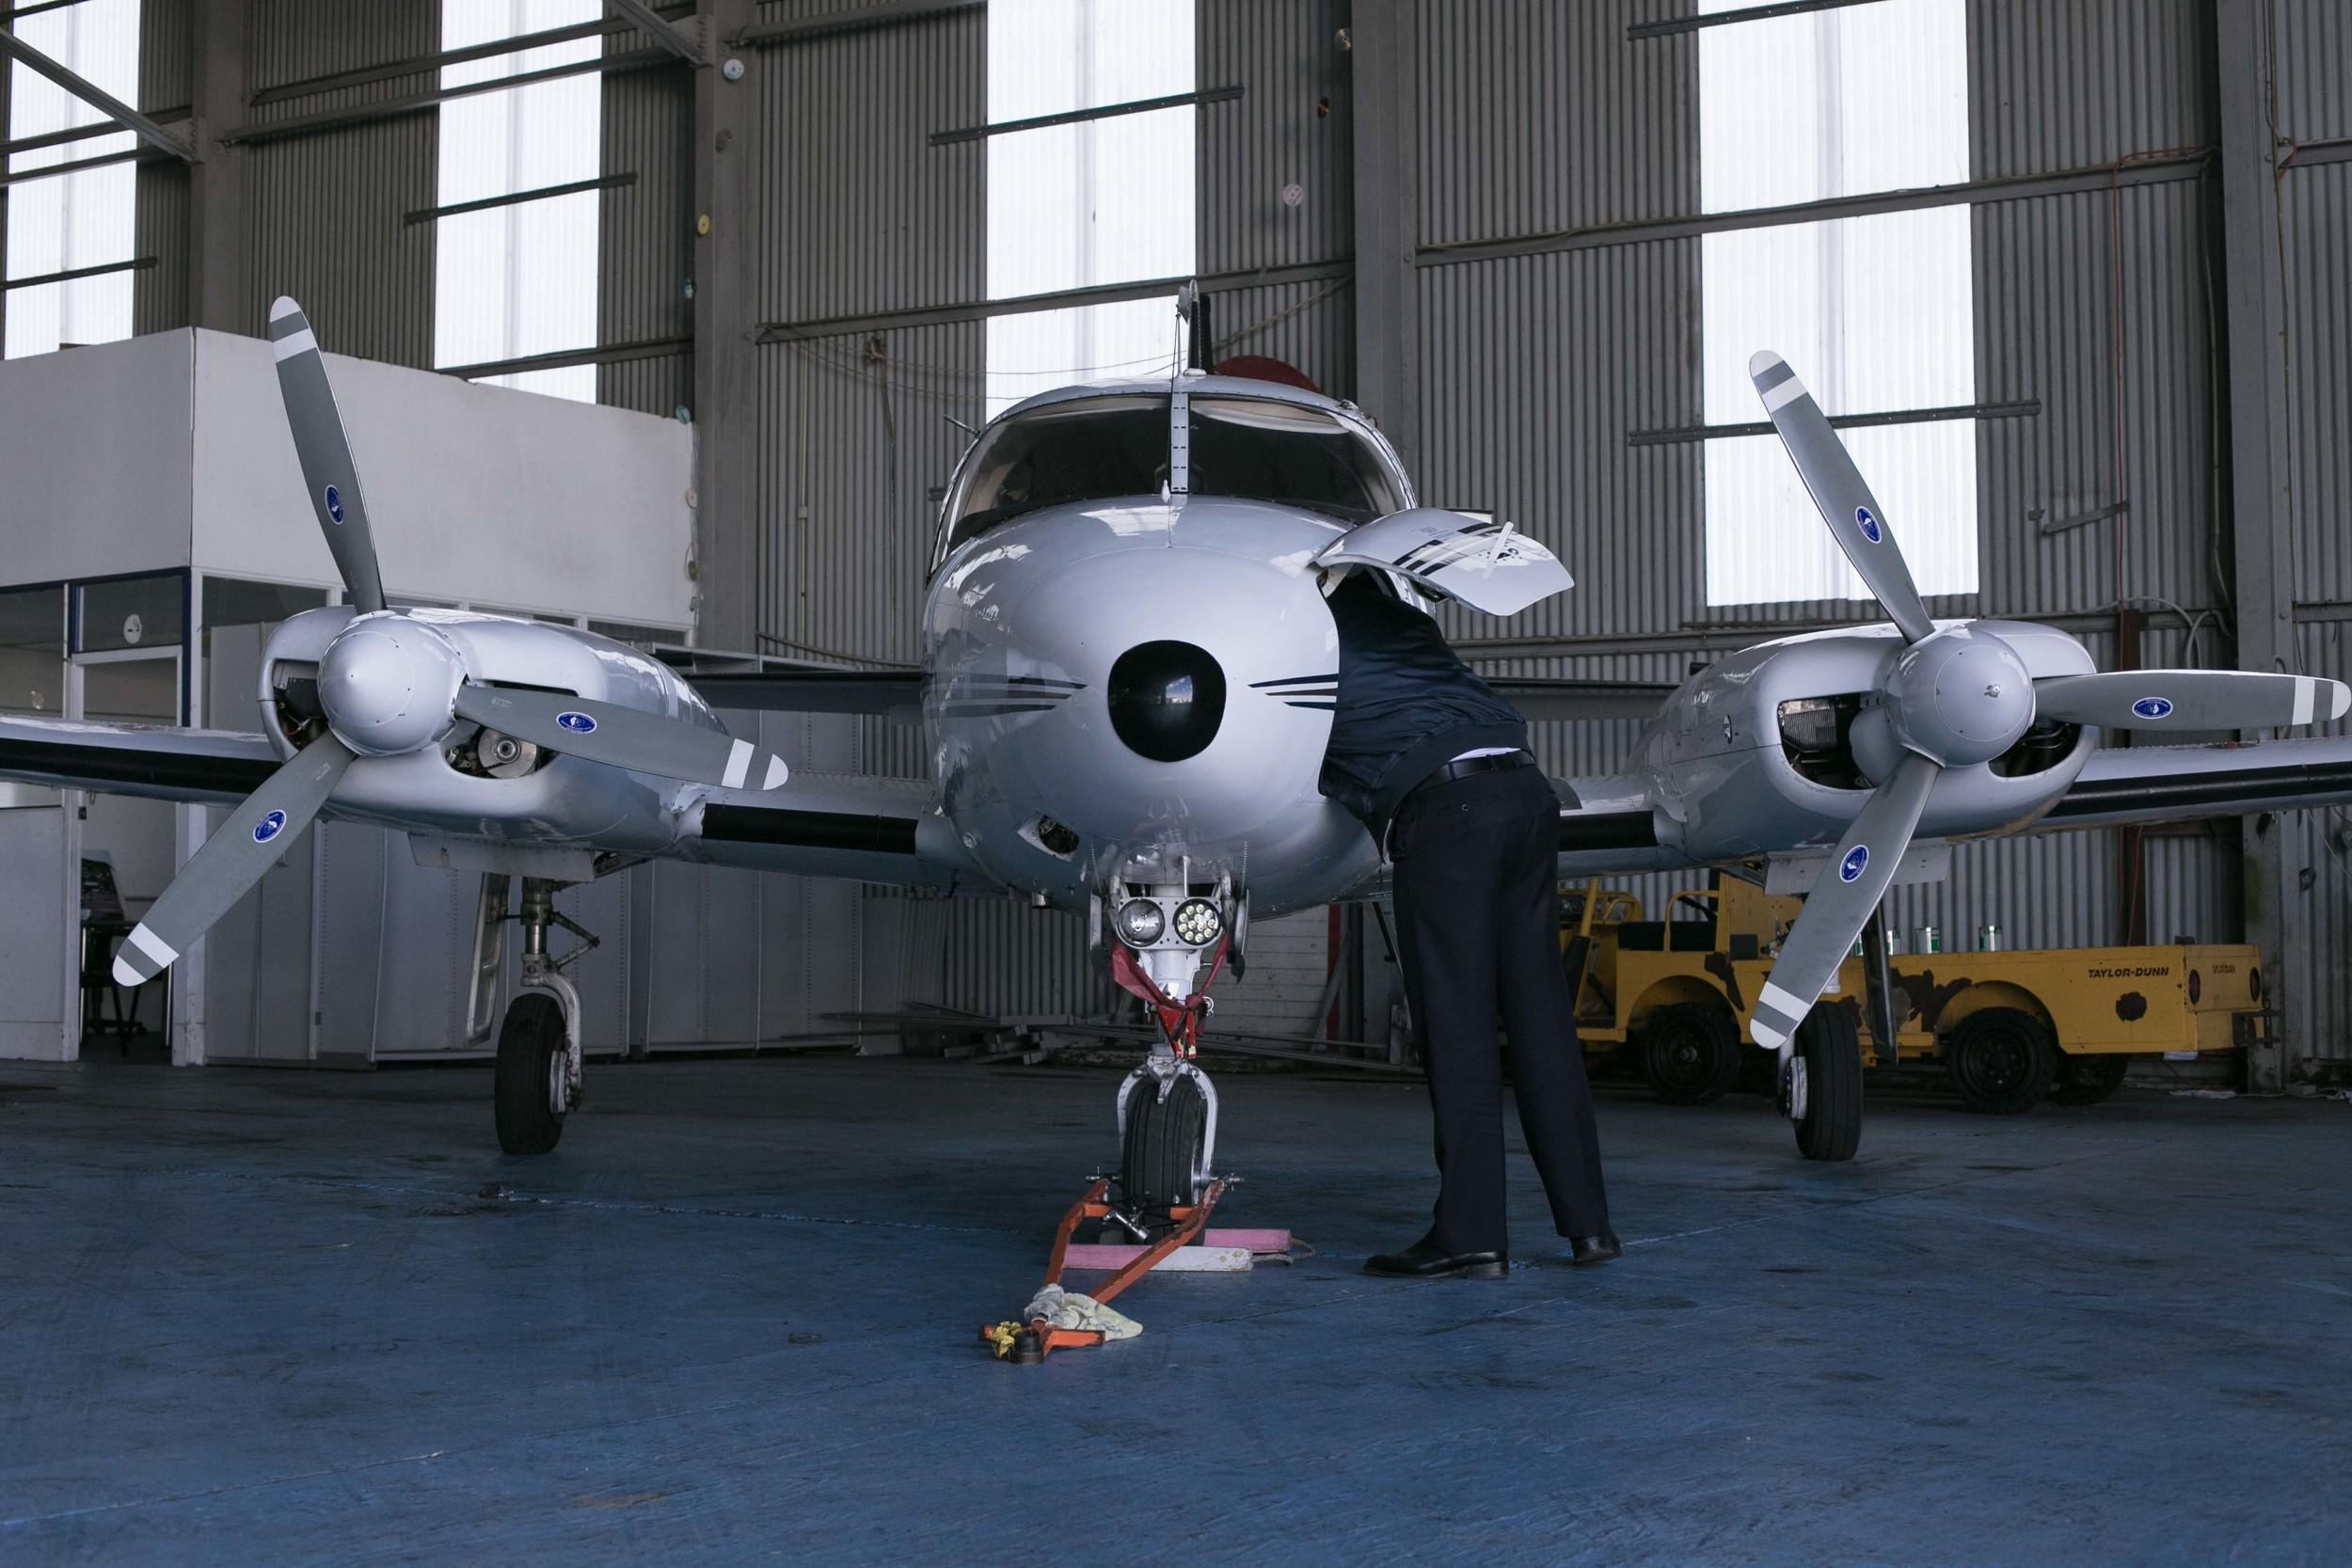 in_venus_Veritas_pilots_BANKSTOWN_AIRPORT-29.jpg